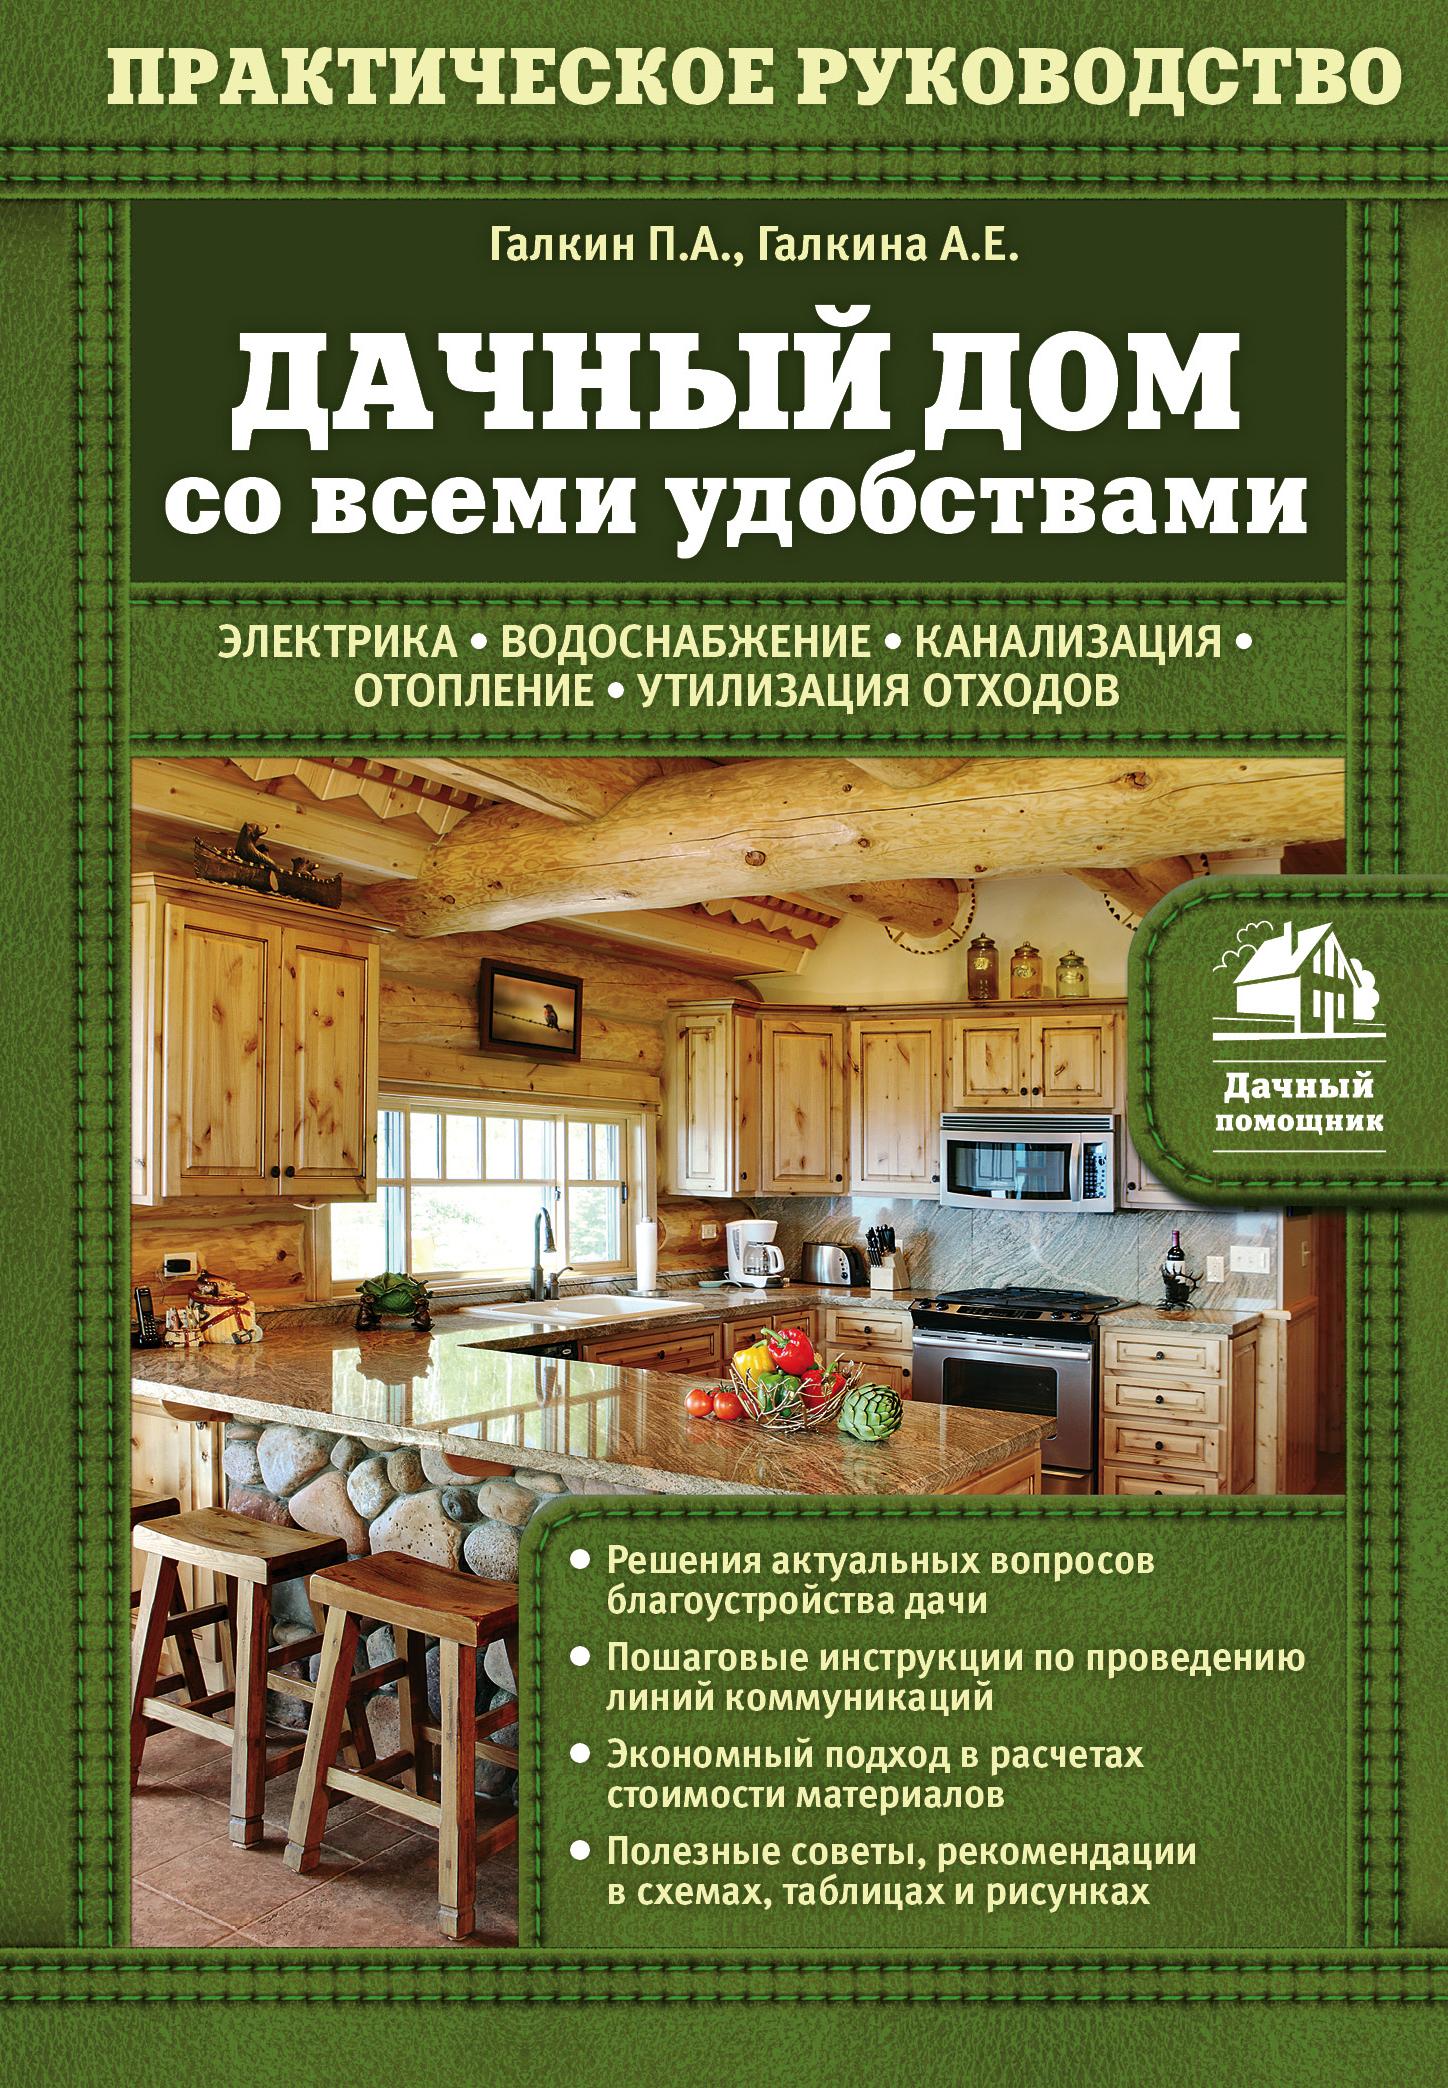 П.А. Галкин, А.Е. Галкина Дачный дом со всеми удобствами калинина и отопление загородного дома